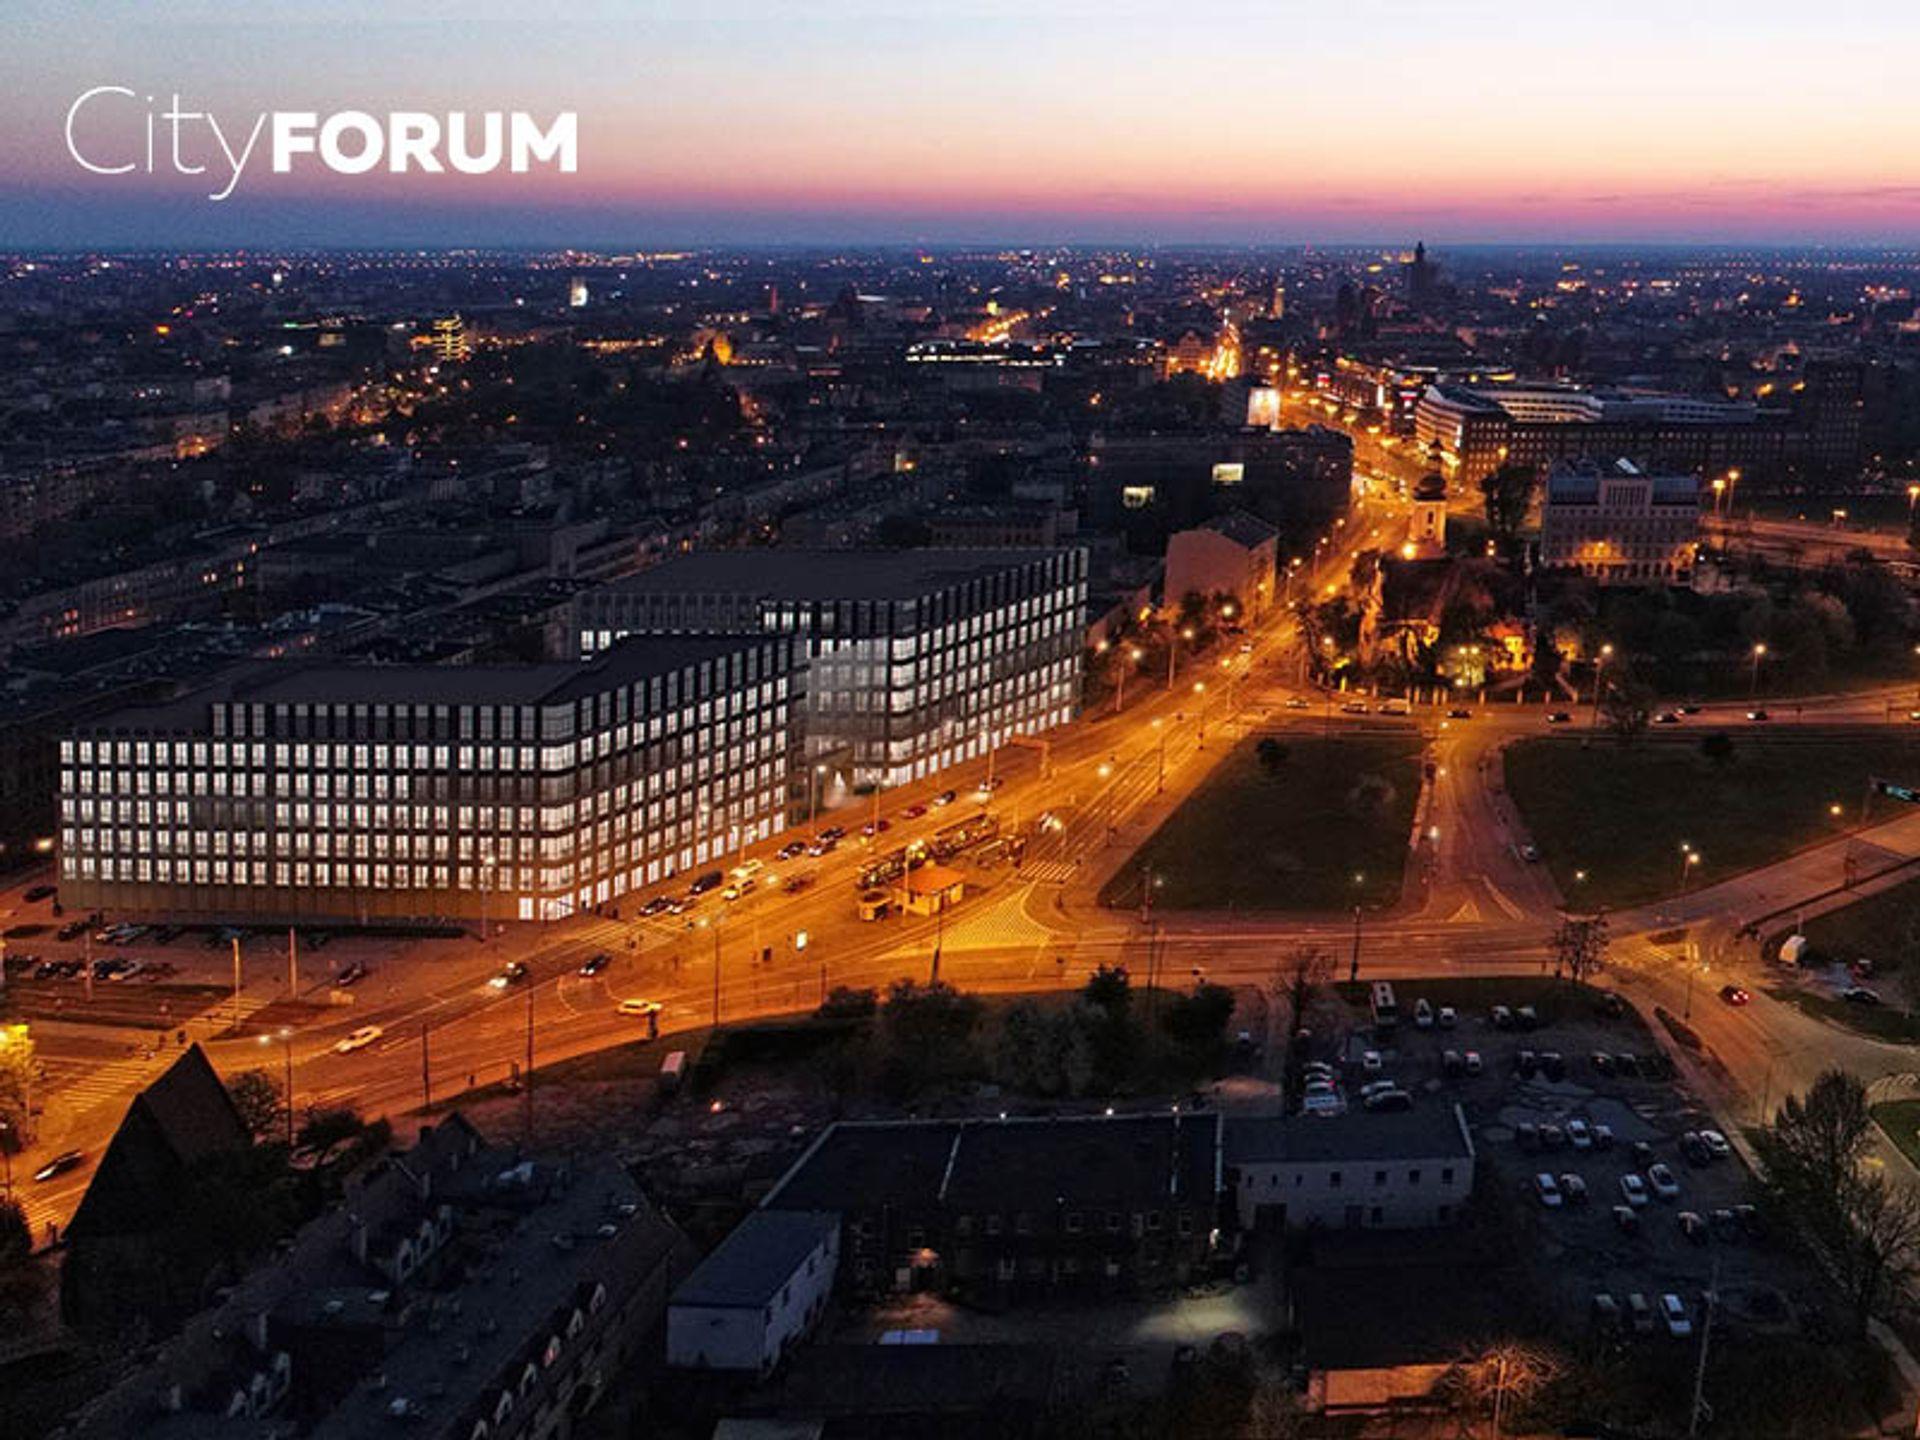 [Wrocław] Opex generalnym wykonawcą I etapu kompleksu biurowego City Forum